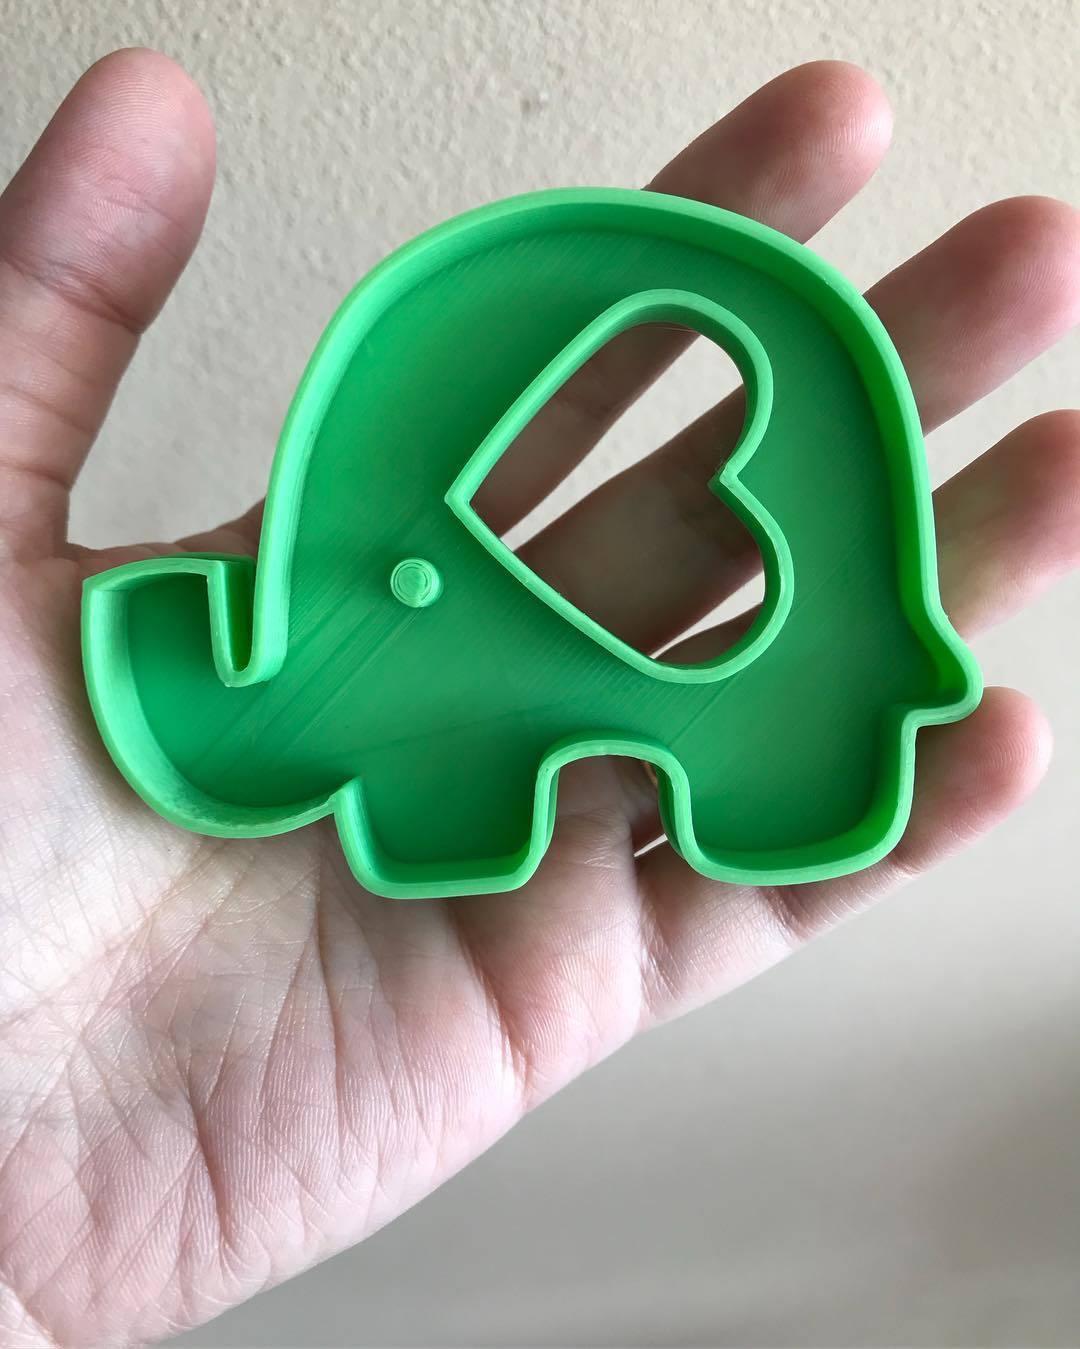 41669265_1875708012518418_3145691655986741248_o.jpg Télécharger fichier STL gratuit l'emporte-pièce éléphant • Design à imprimer en 3D, memy_ironmaiden